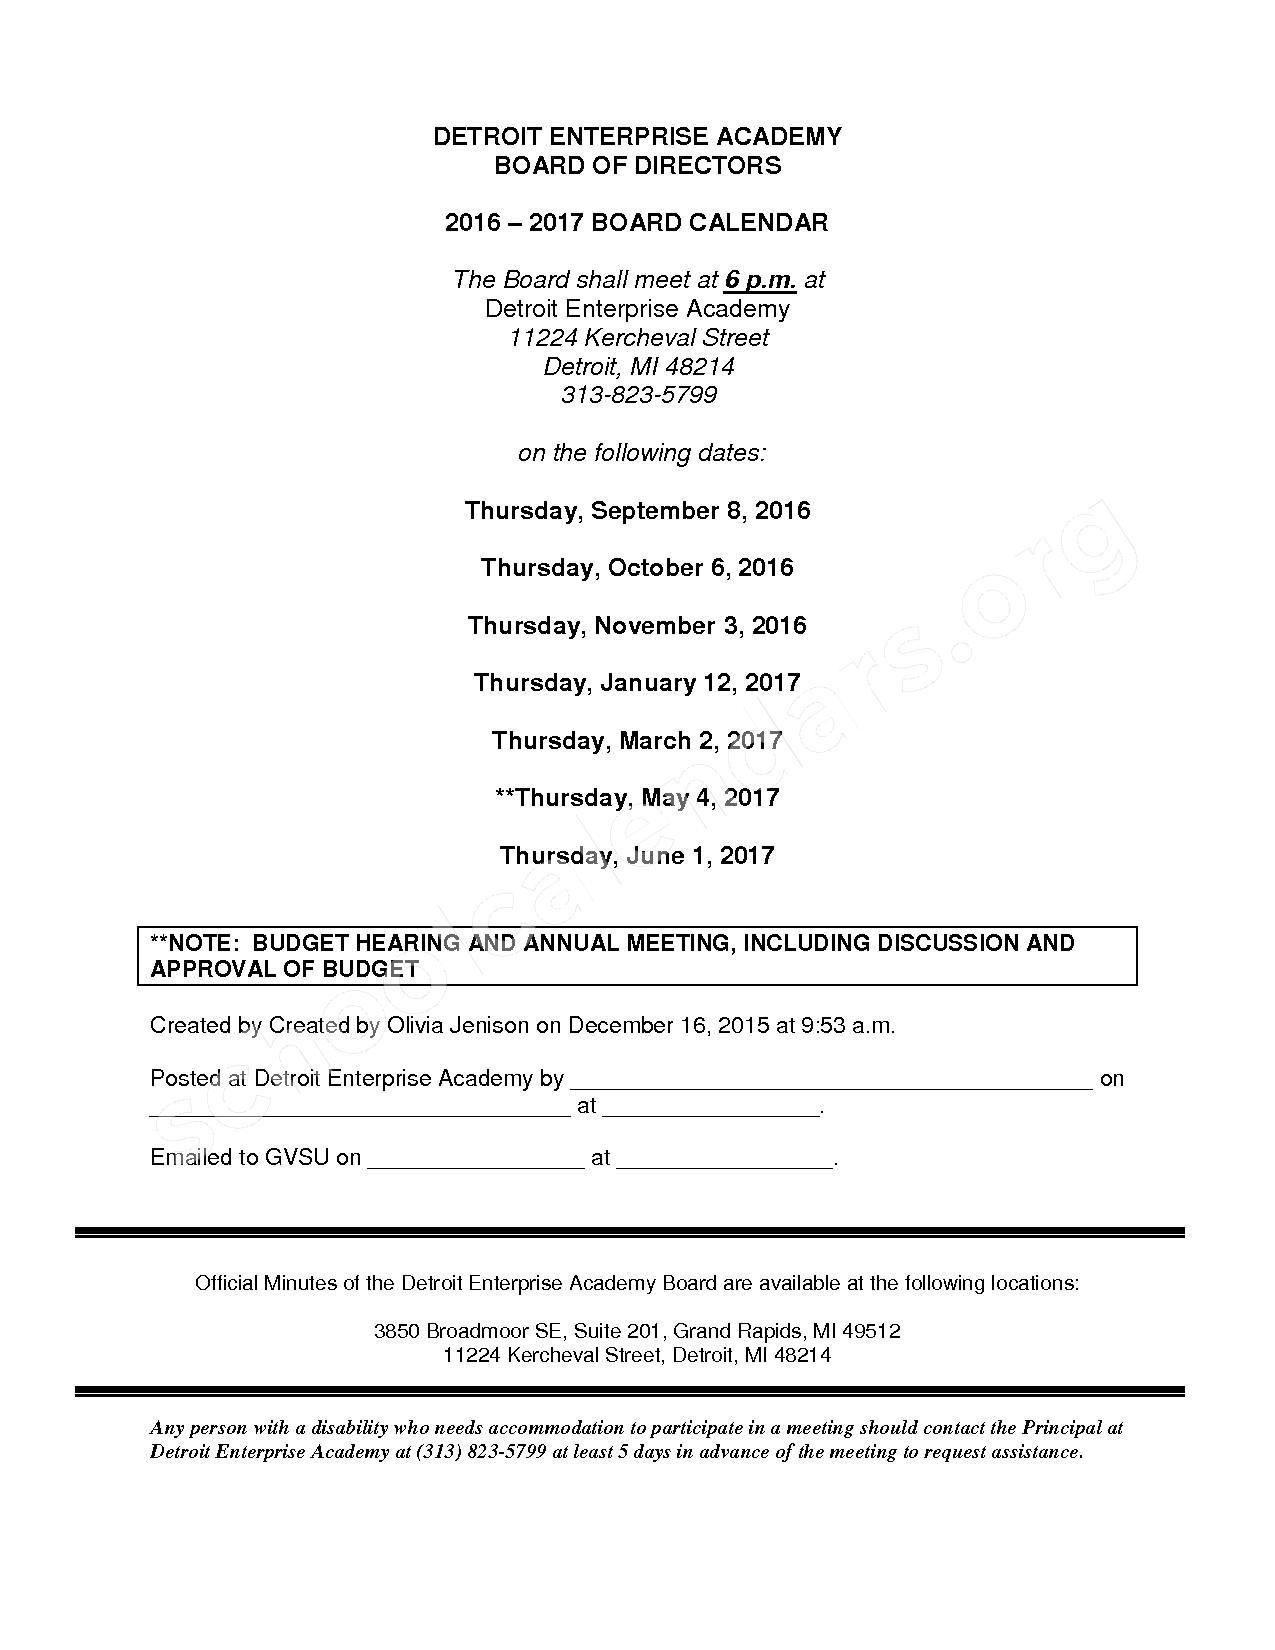 2016 - 2017 School Calendar – Detroit Enterprise Academy – page 1